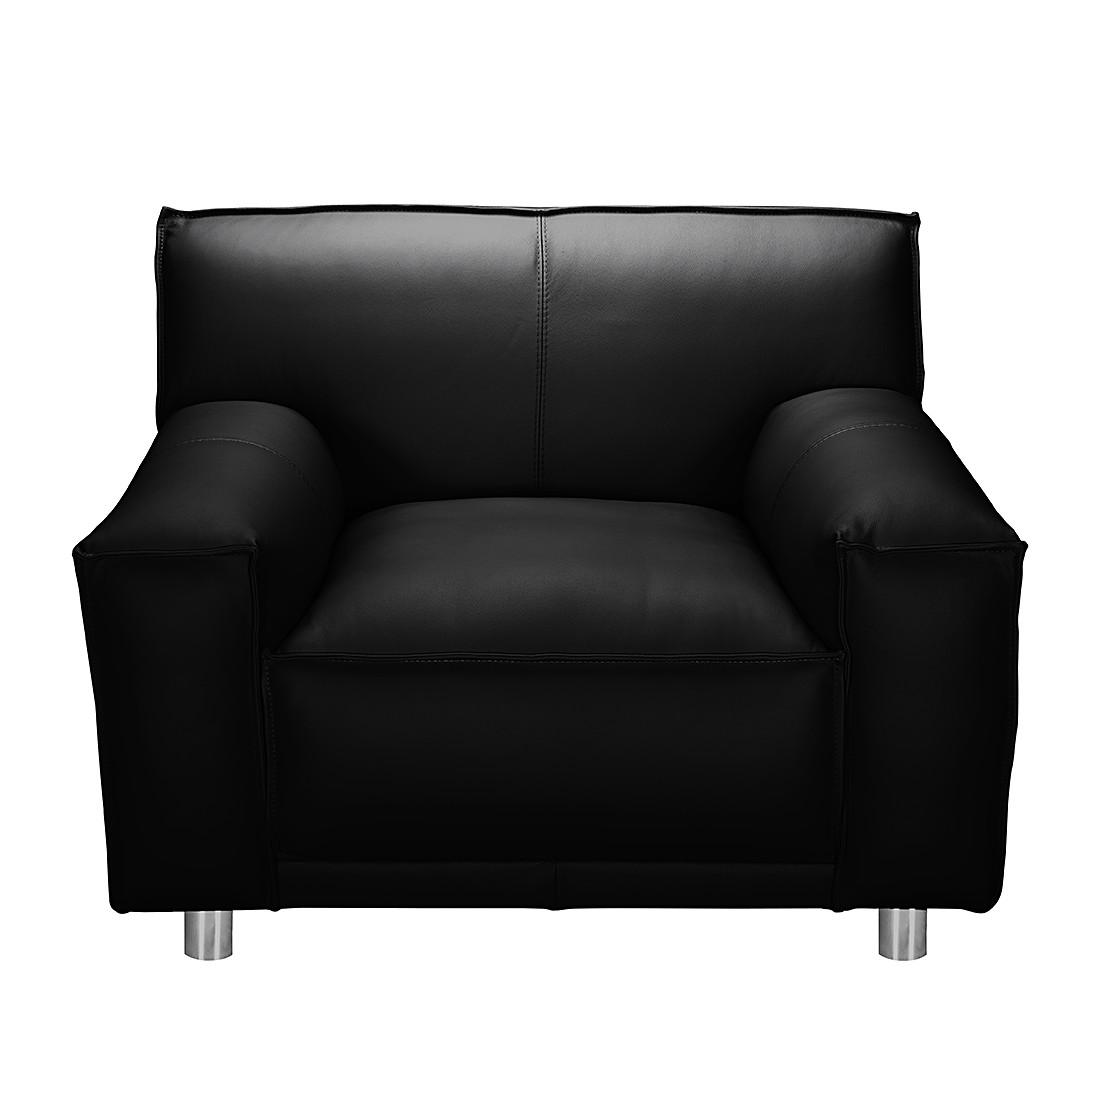 sessel willem kunstleder schwarz loftscape online kaufen. Black Bedroom Furniture Sets. Home Design Ideas